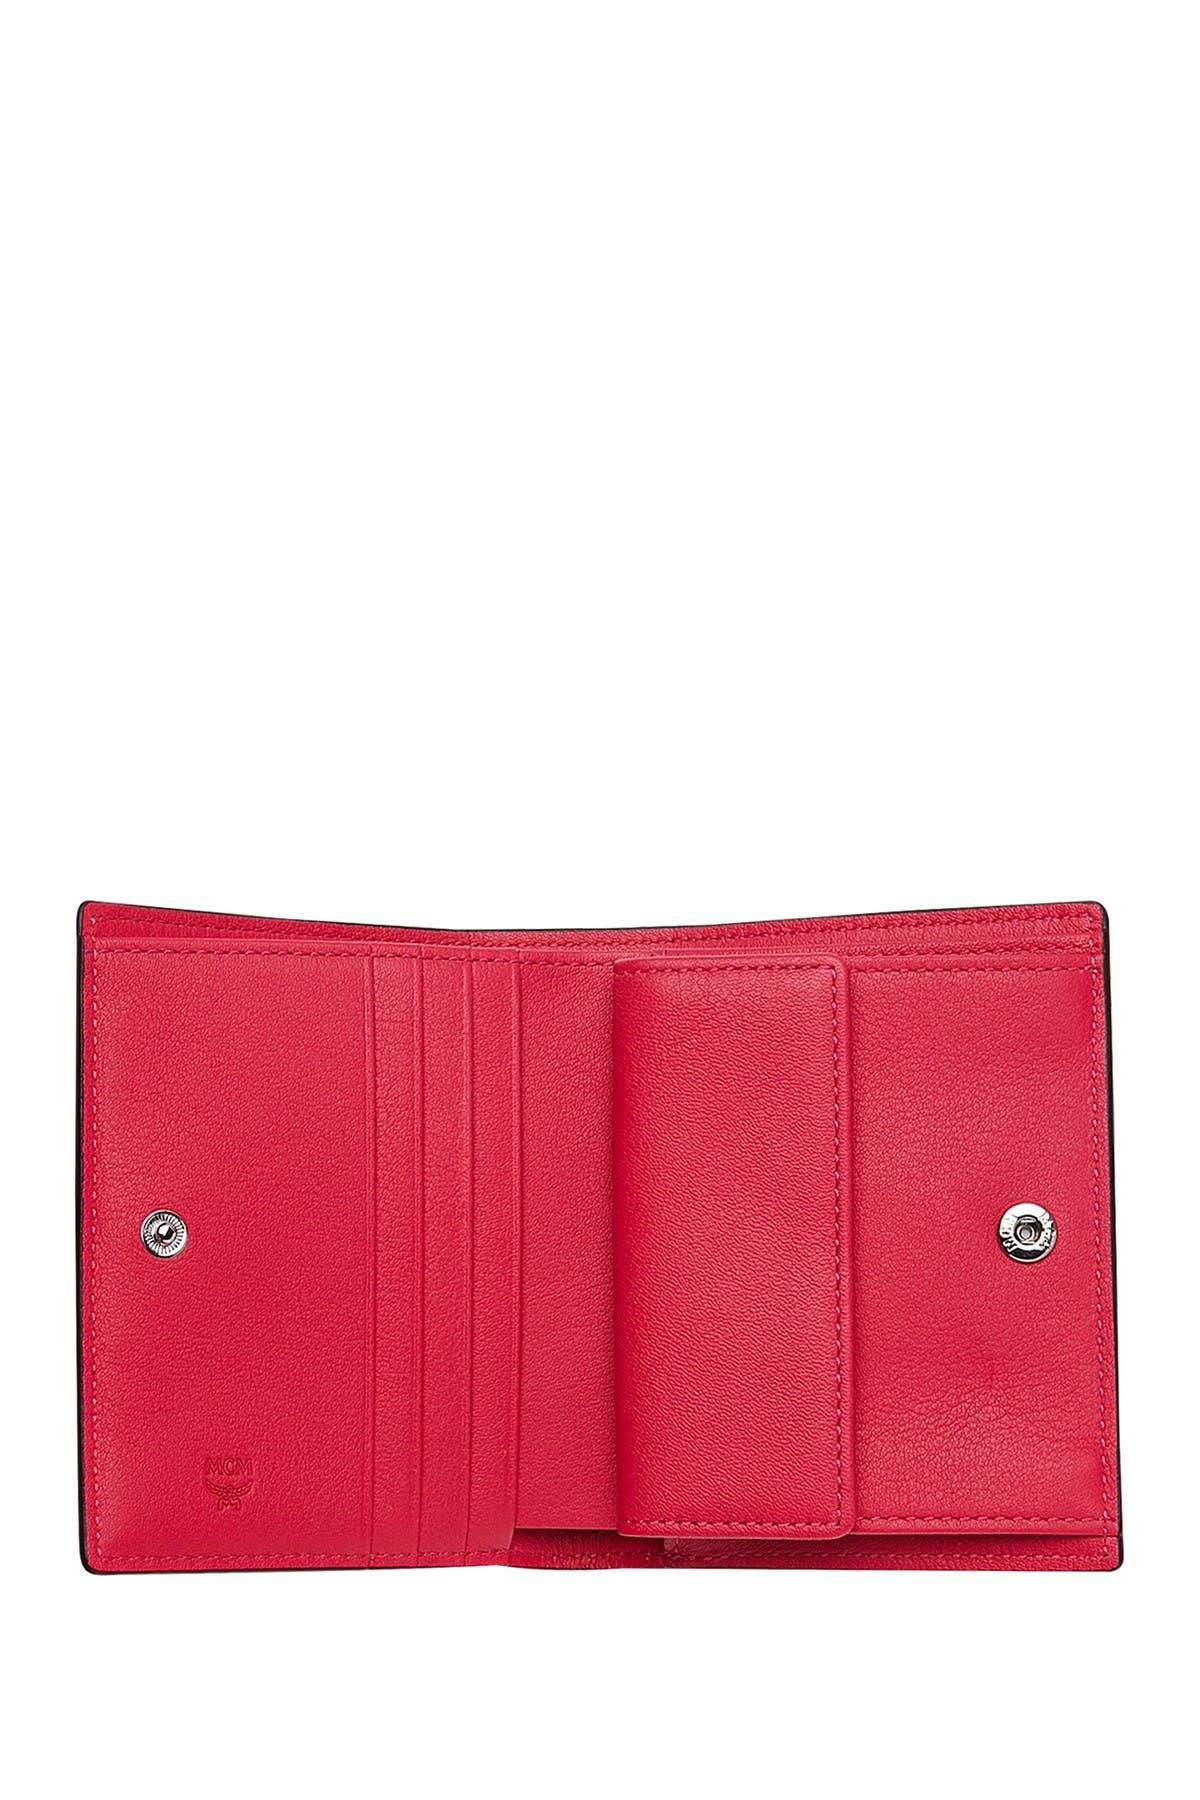 MCM | Patent Leather Bi-Fold Wallet | Nordstrom Rack